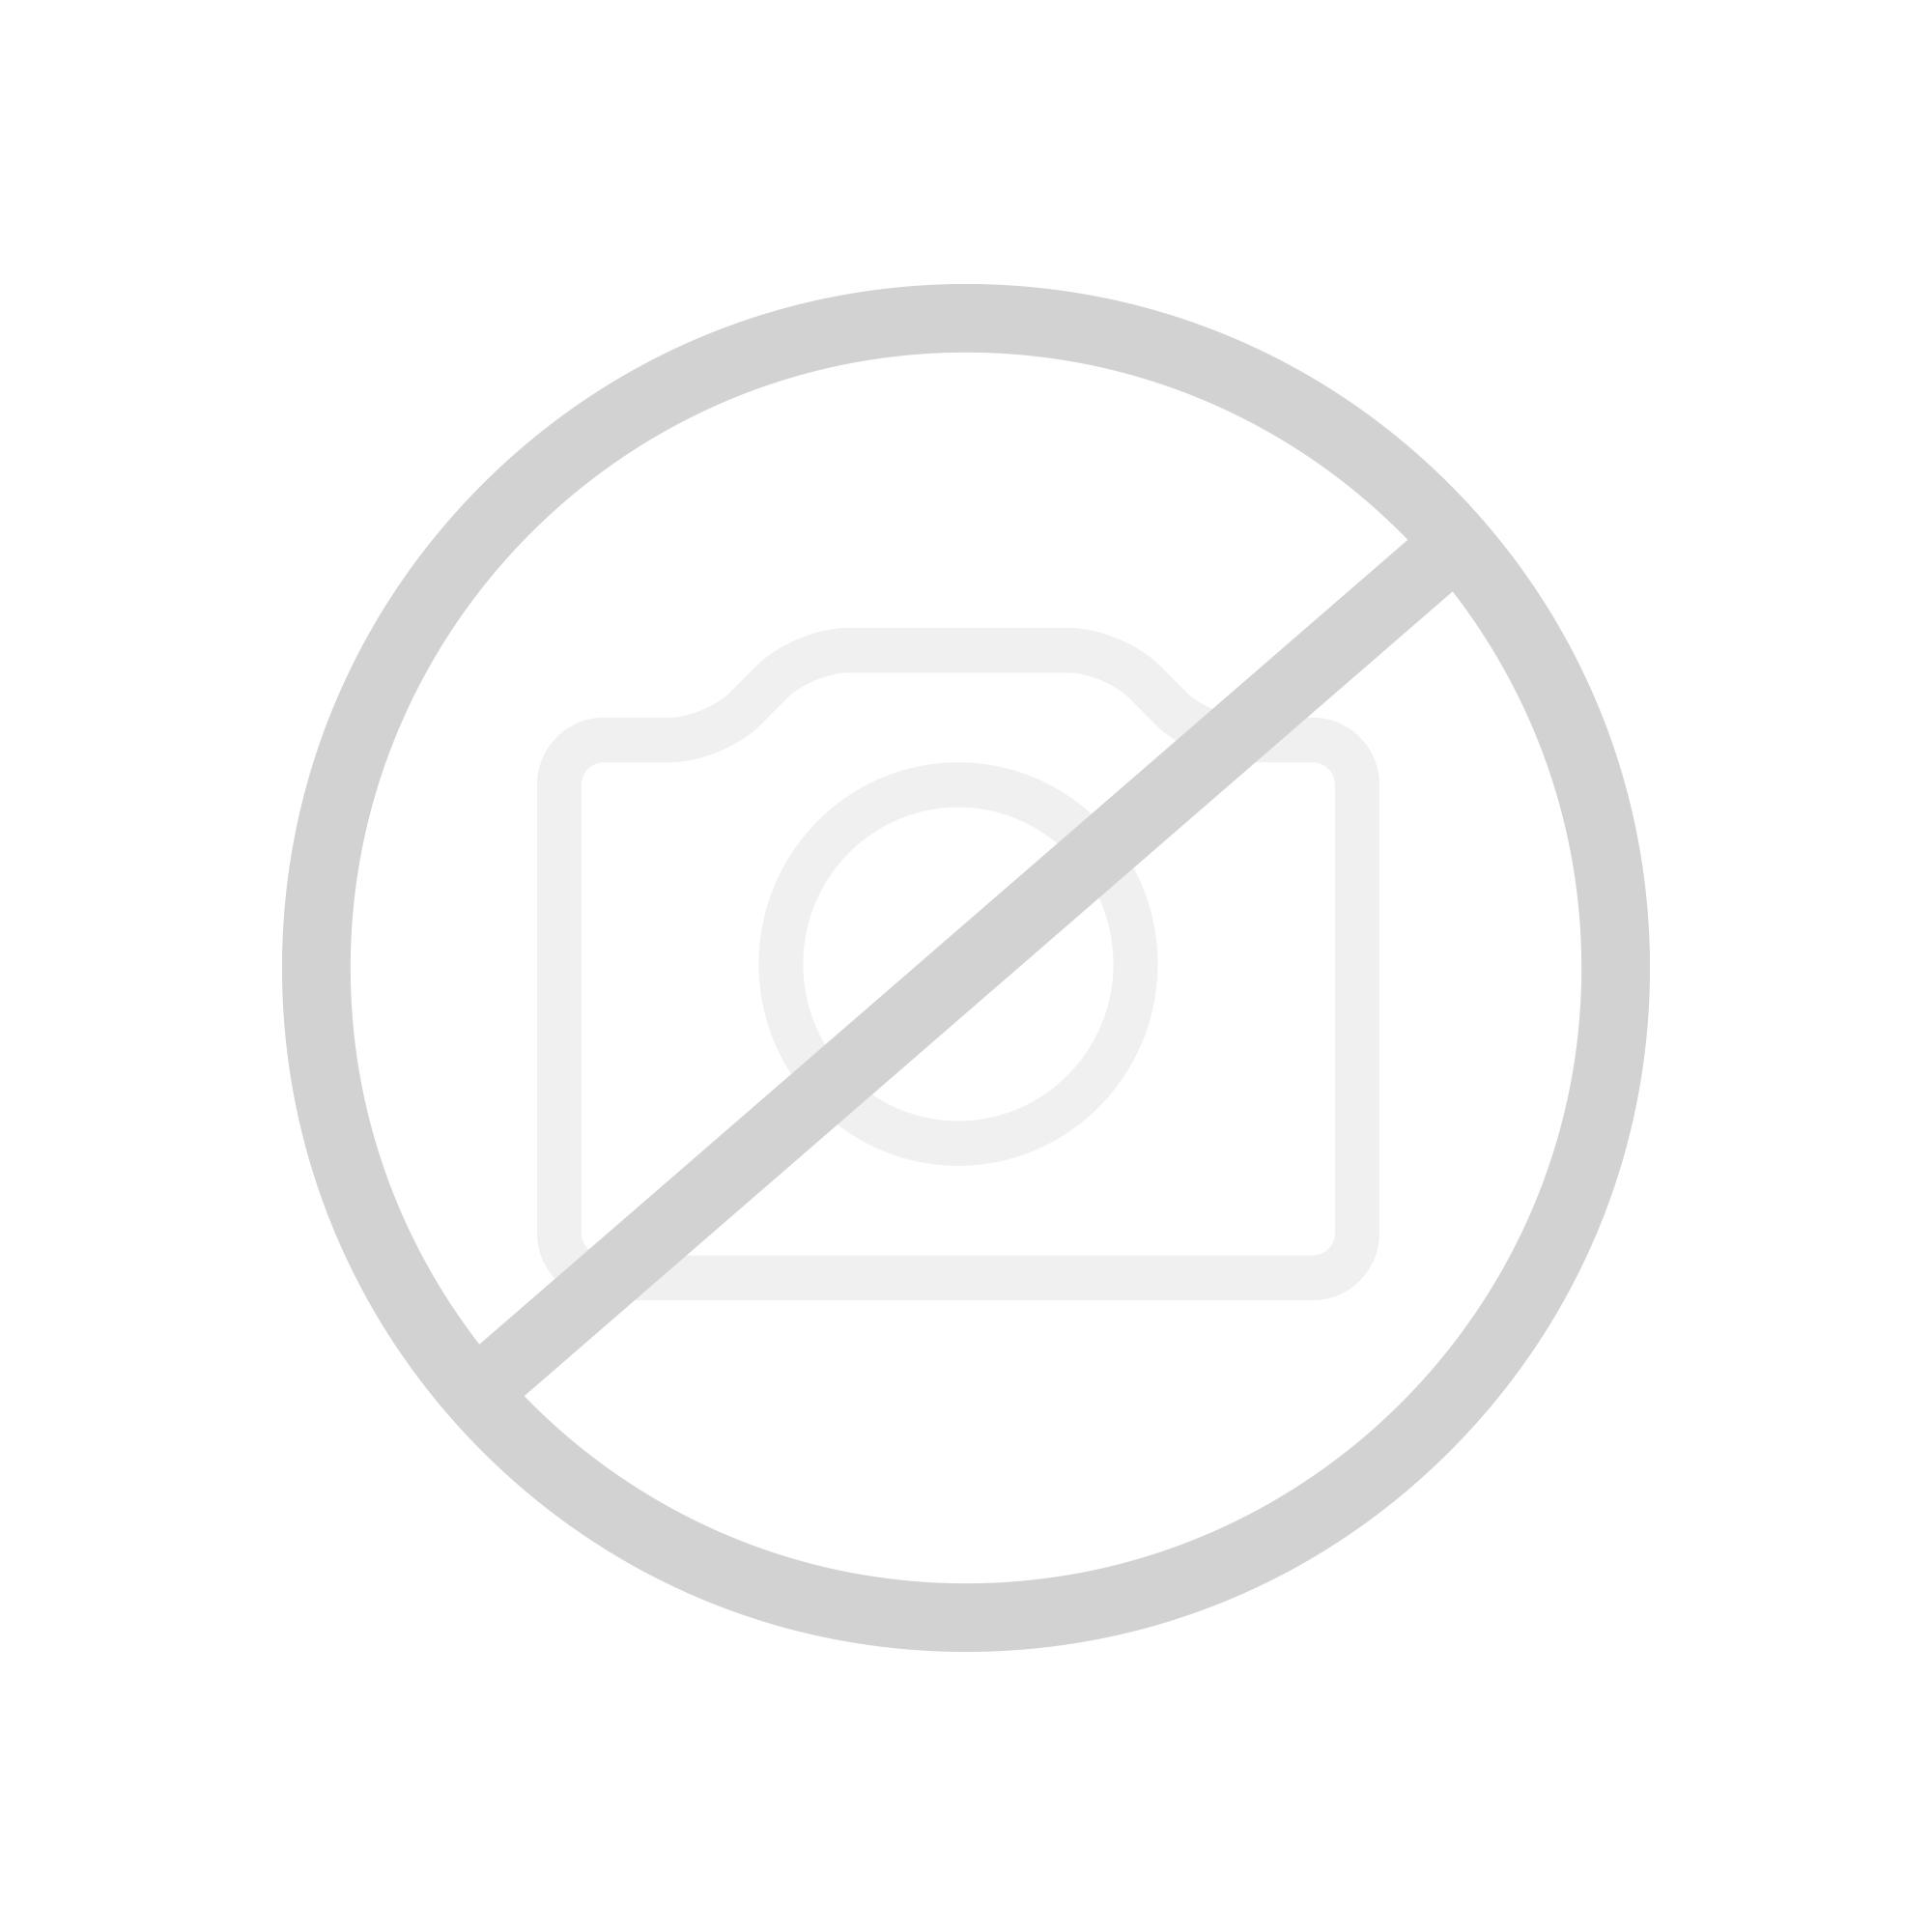 KWC Armaturen online bestellen im Reuter Shop